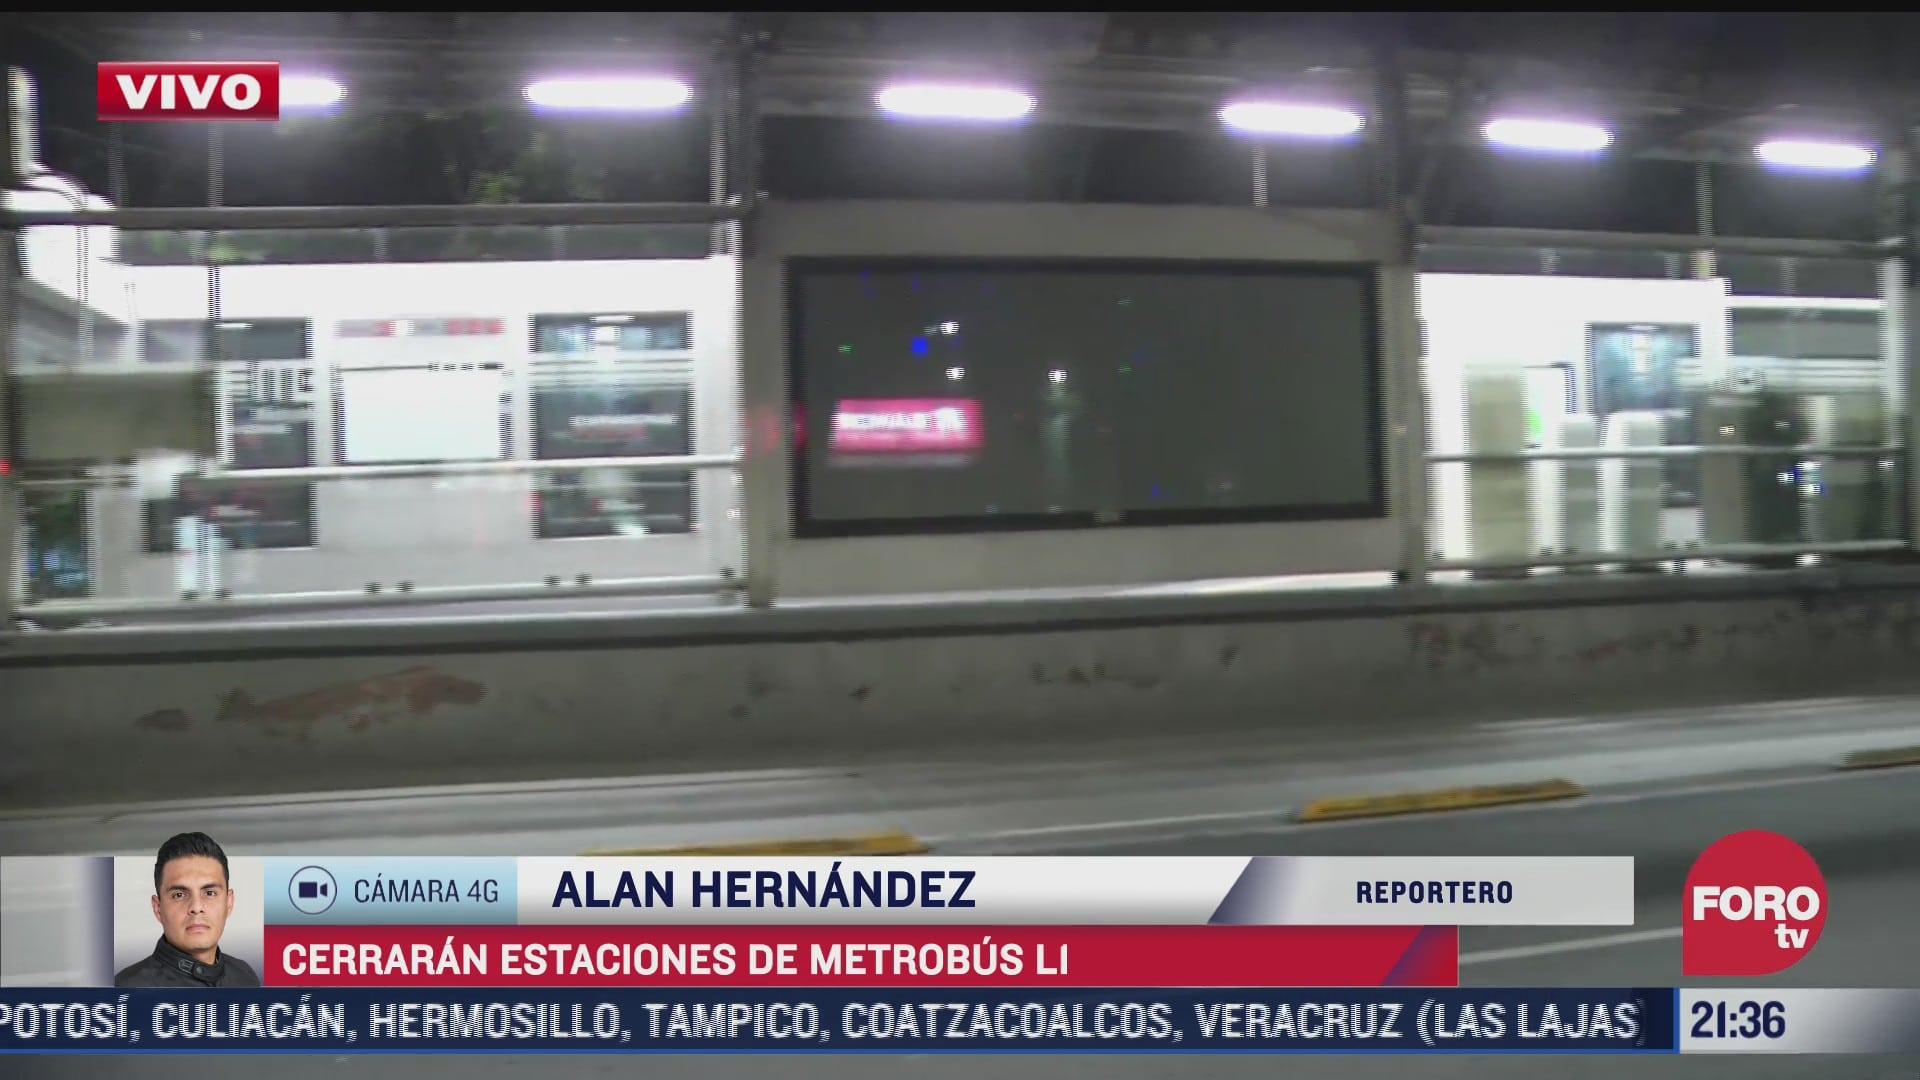 que estaciones del metrobus cierran por mantenimiento